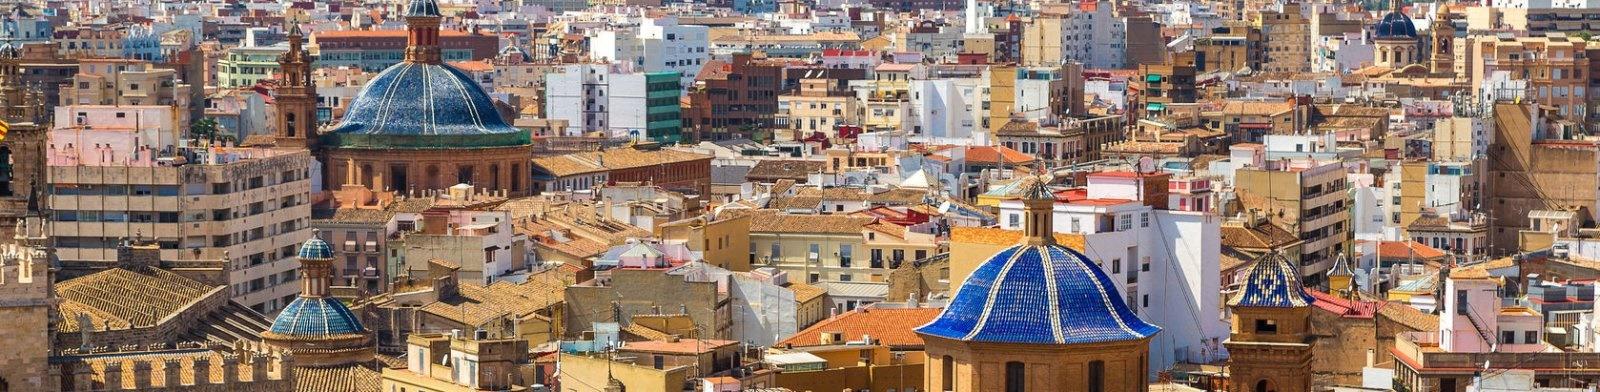 Valencia, Main Image